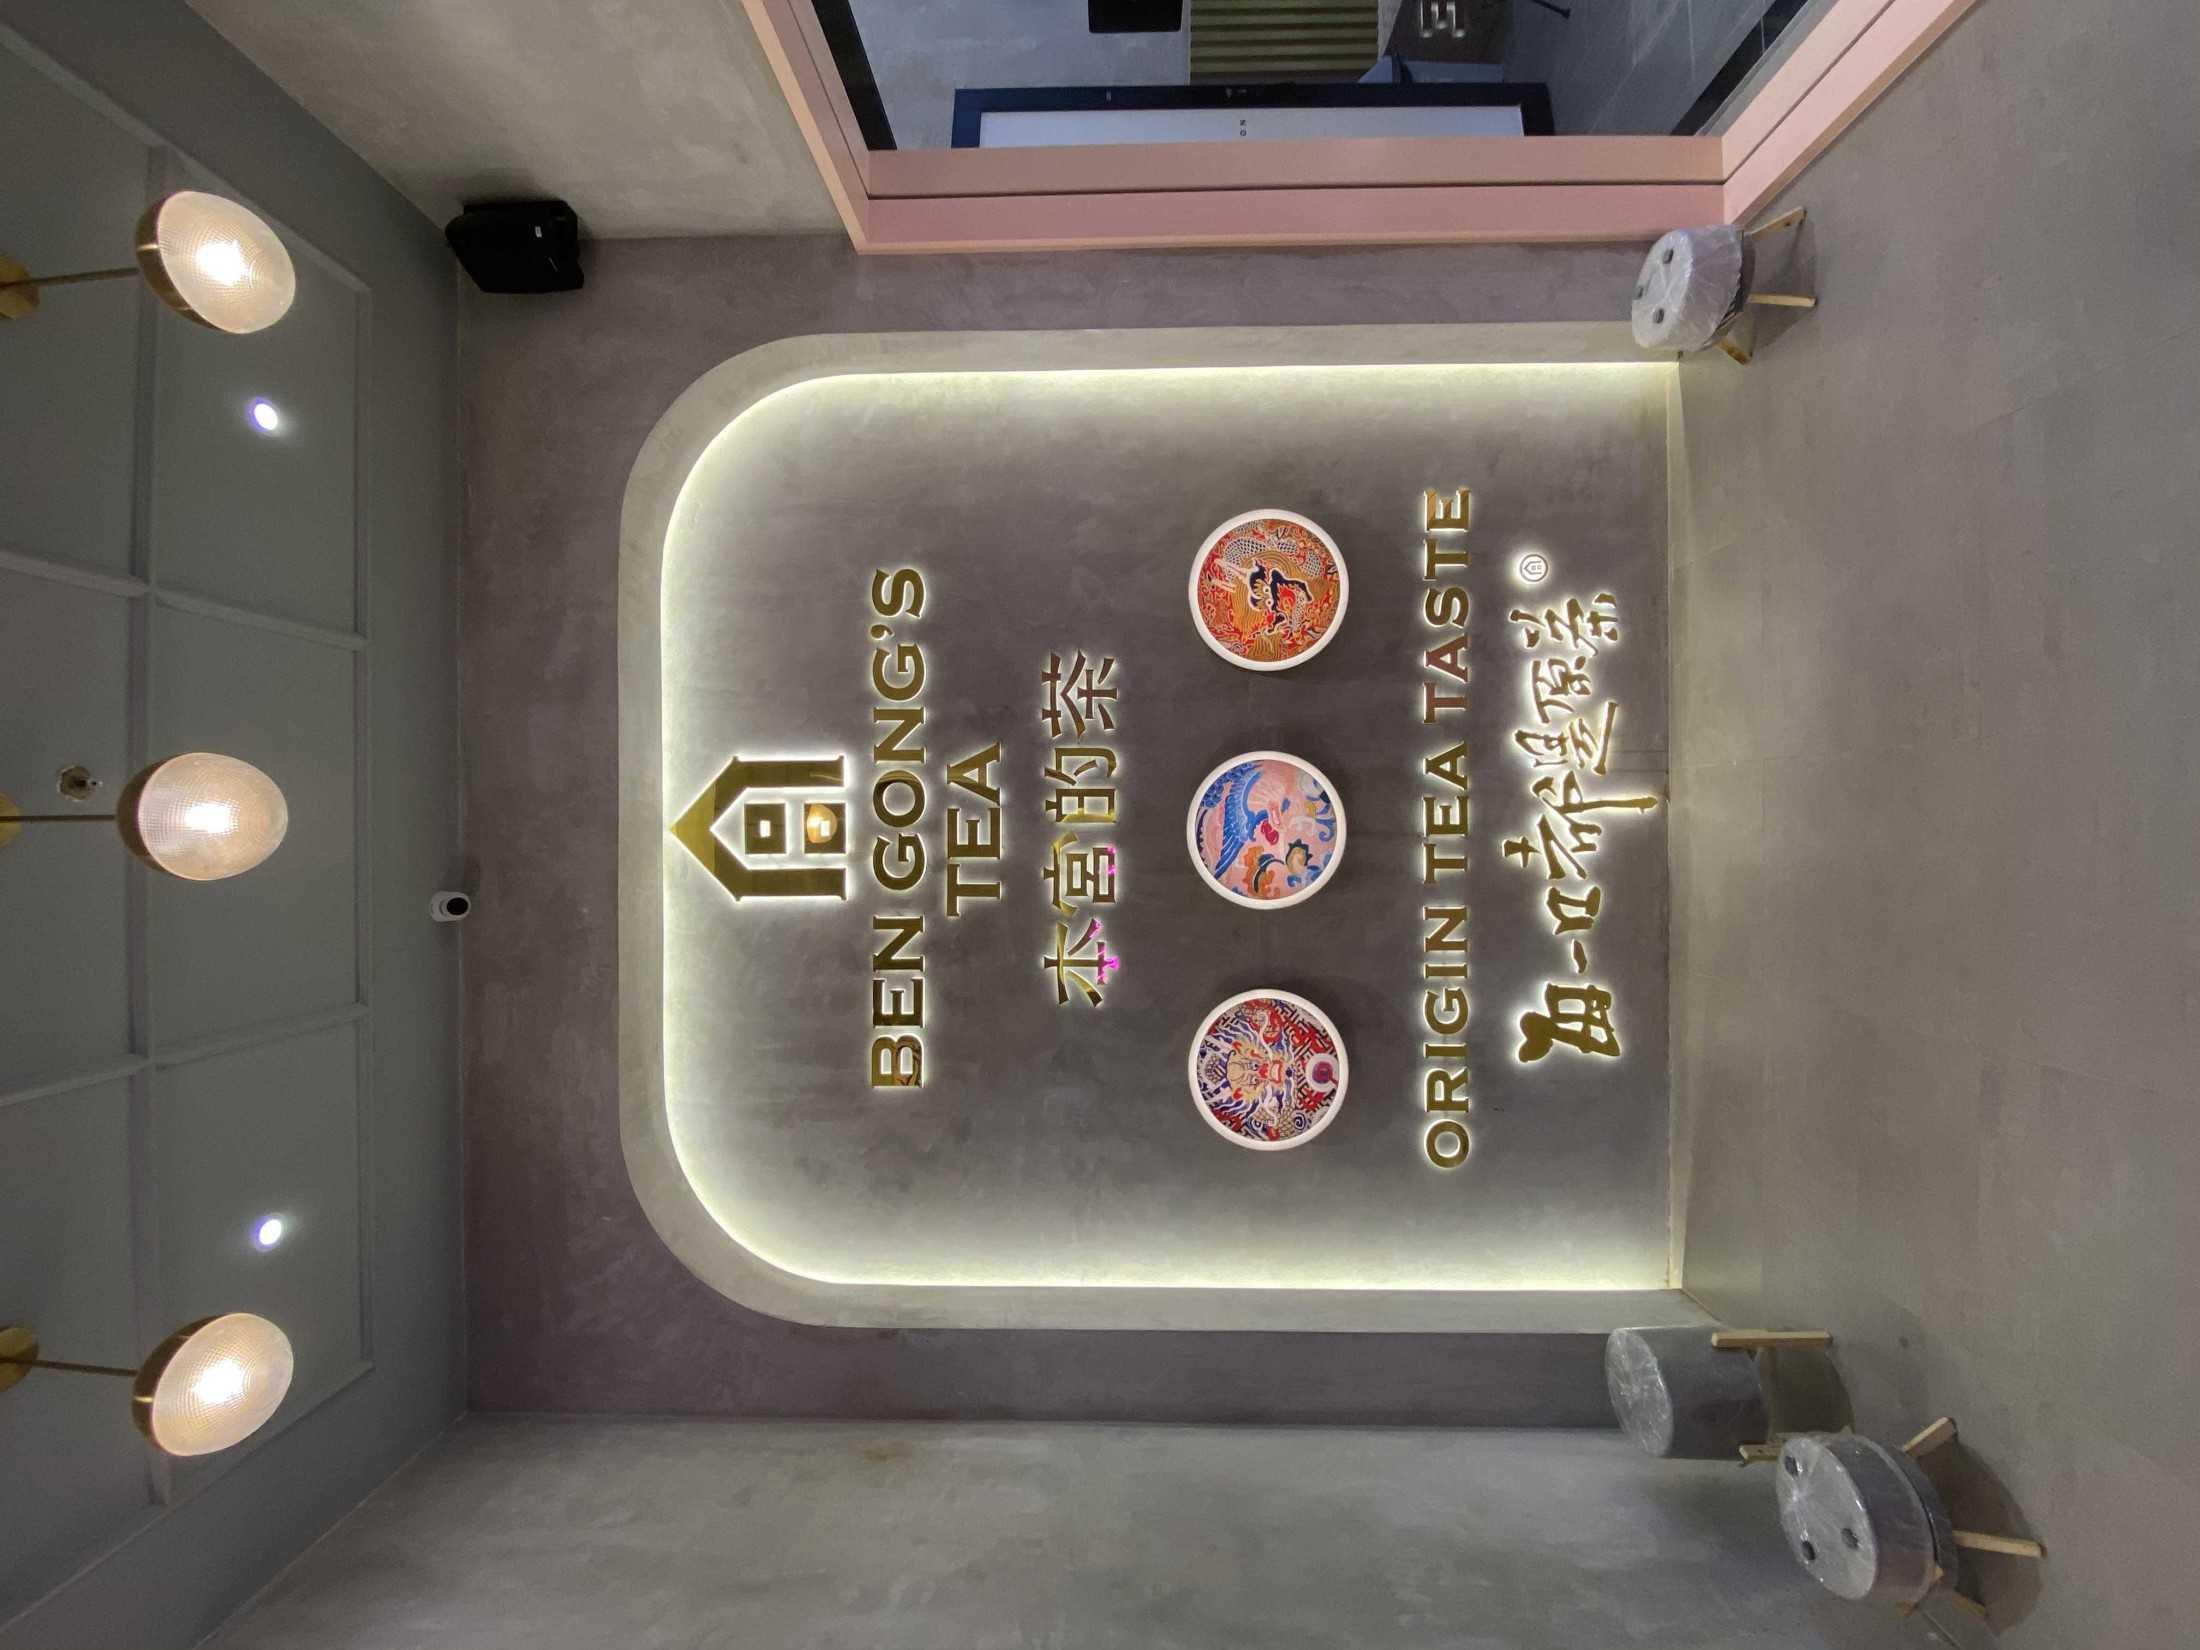 7Design Architect Ben Gong's Tea Karawaci Kec. Karawaci, Kota Tangerang, Banten, Indonesia Kec. Karawaci, Kota Tangerang, Banten, Indonesia 7Design-Architect-Ben-Gongs-Tea-Karawaci  117936